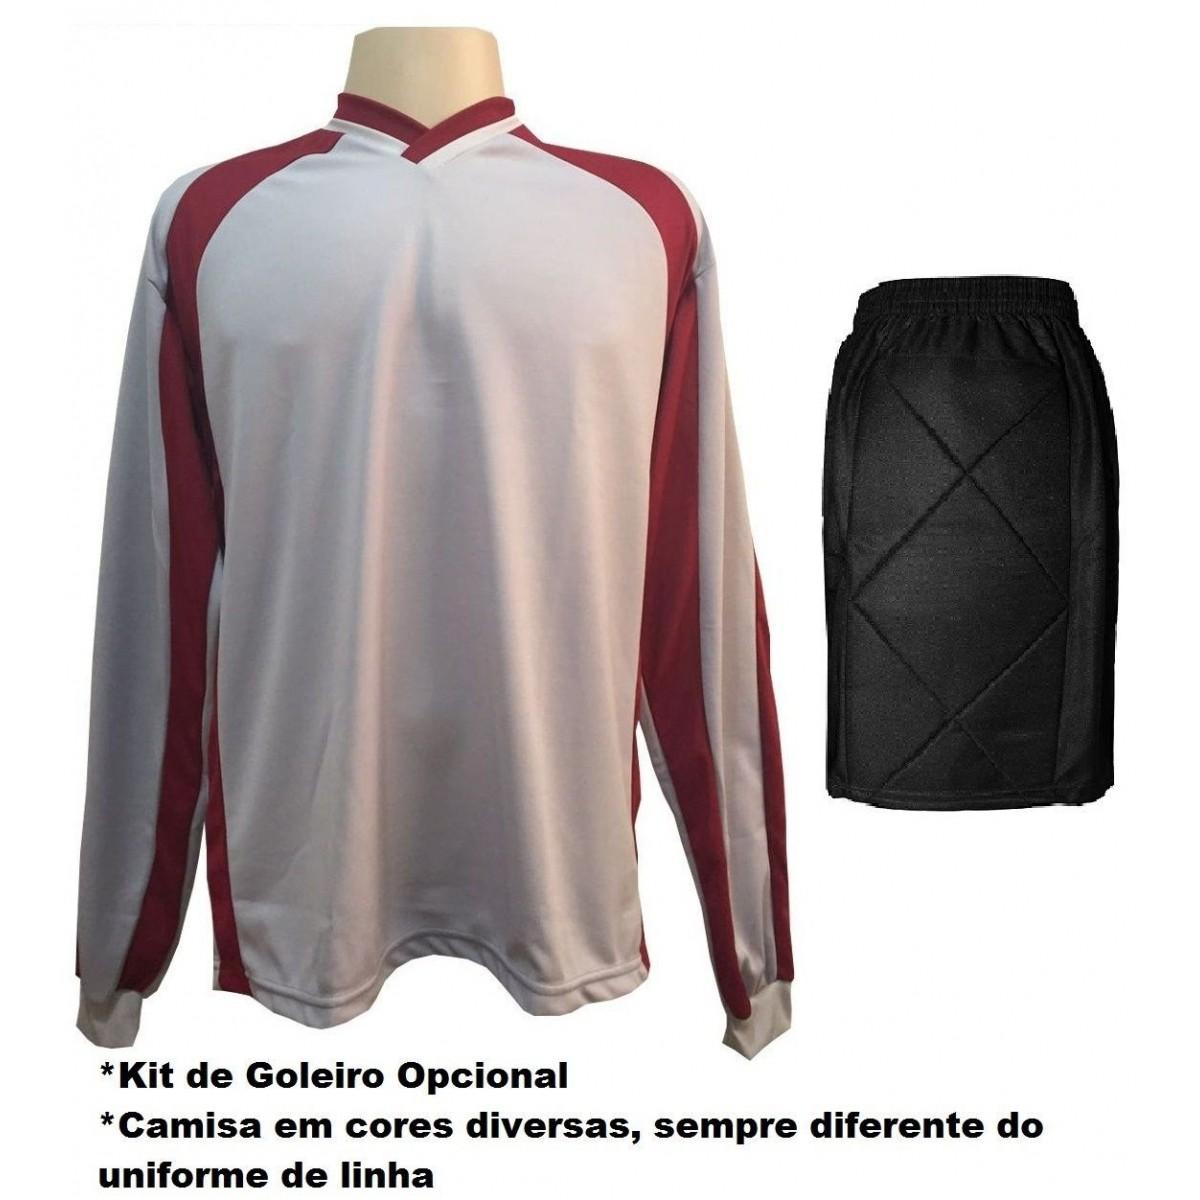 Uniforme Esportivo com 12 camisas modelo City Amarelo/Preto + 12 calções modelo Copa Preto/Amarelo + Brindes